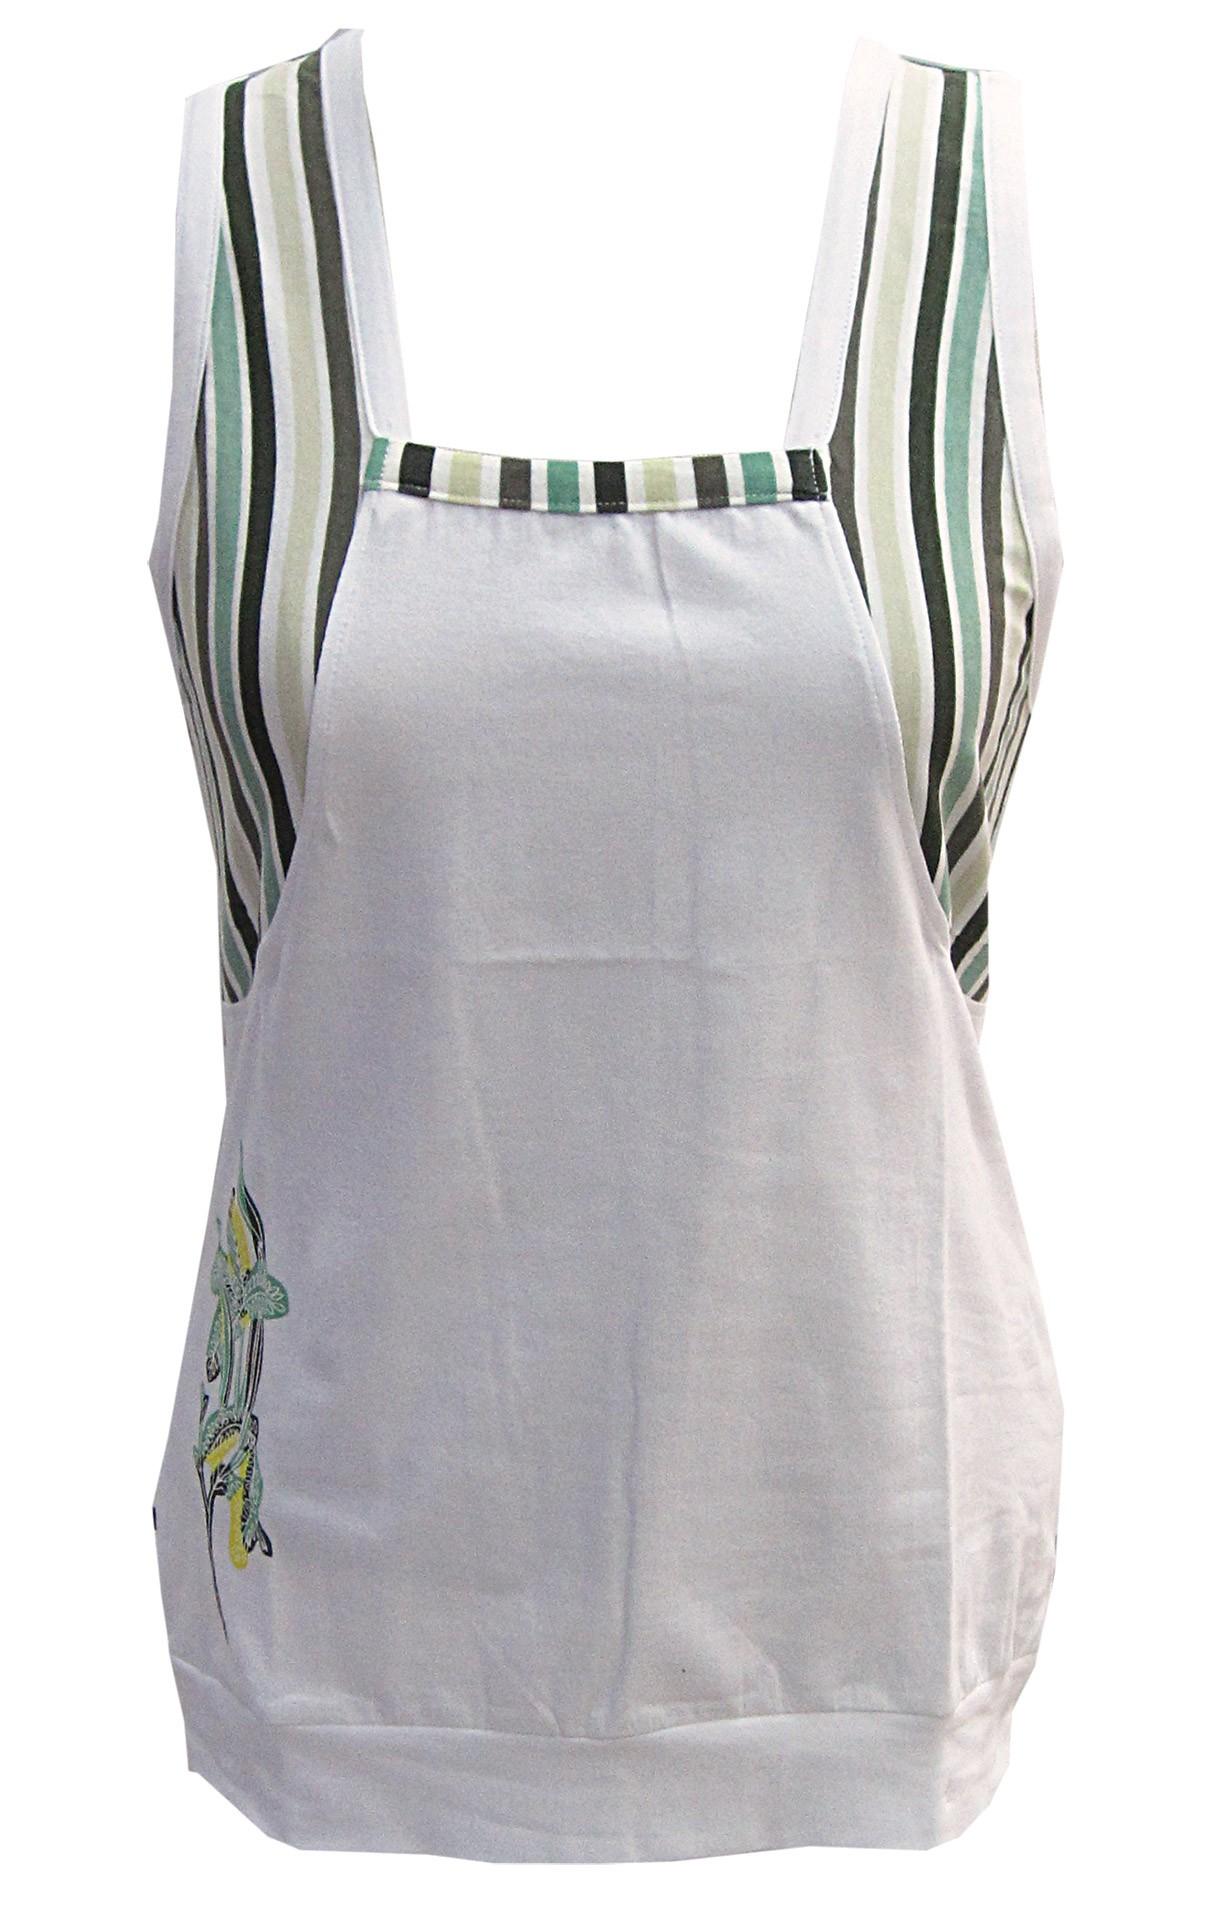 3b269c5f74e Μοναδικά γυναικεία ρούχα και γυναικείες μπλούζες για αξέχαστες ...